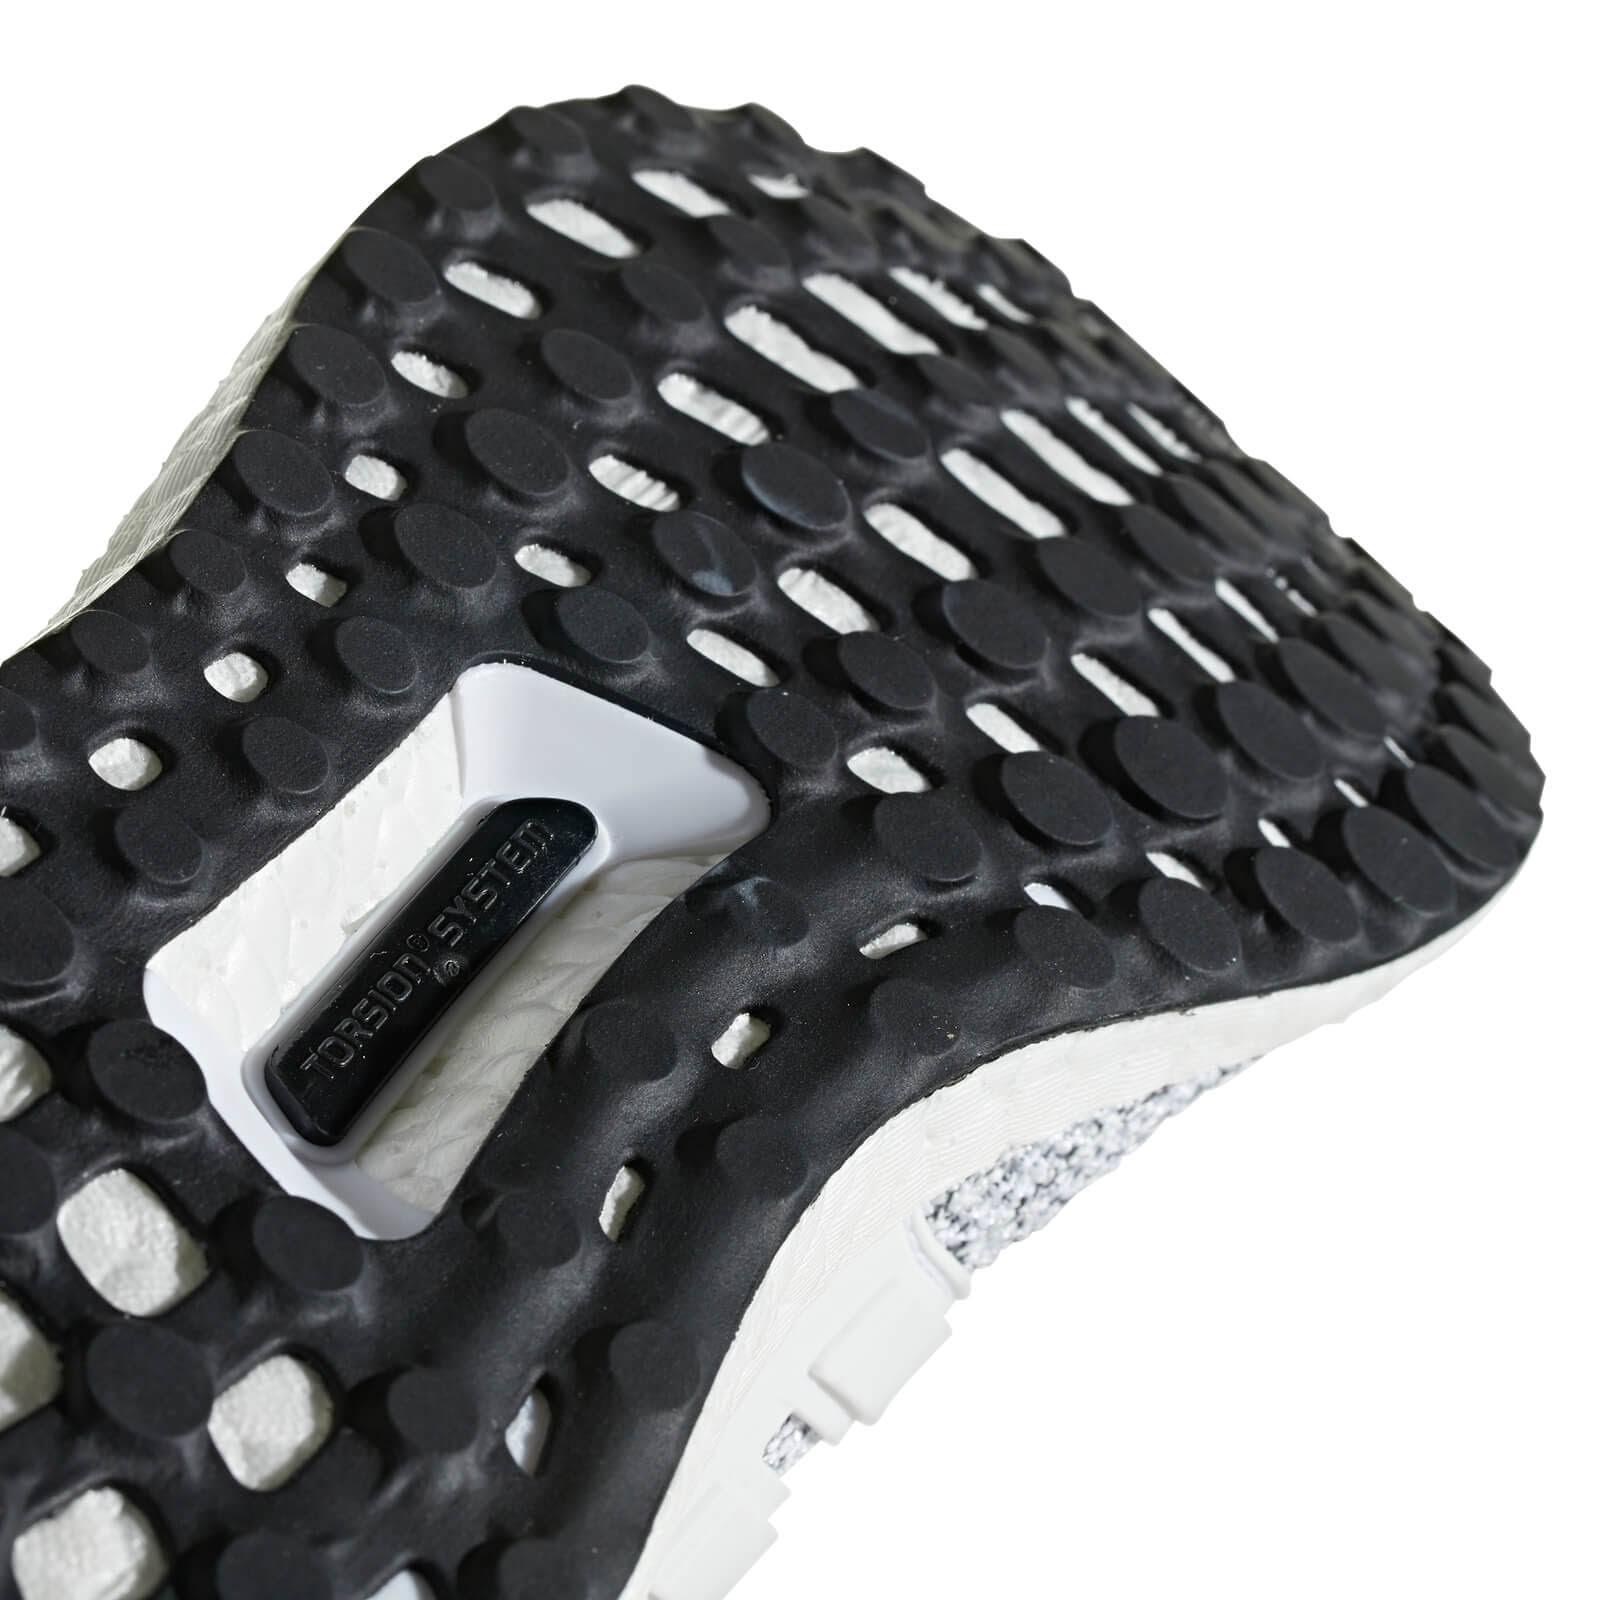 Ultraboost Ftwrwhite Ultraboost Adidas Ftwrwhite F36124 Adidas F36124 4Aj5LR